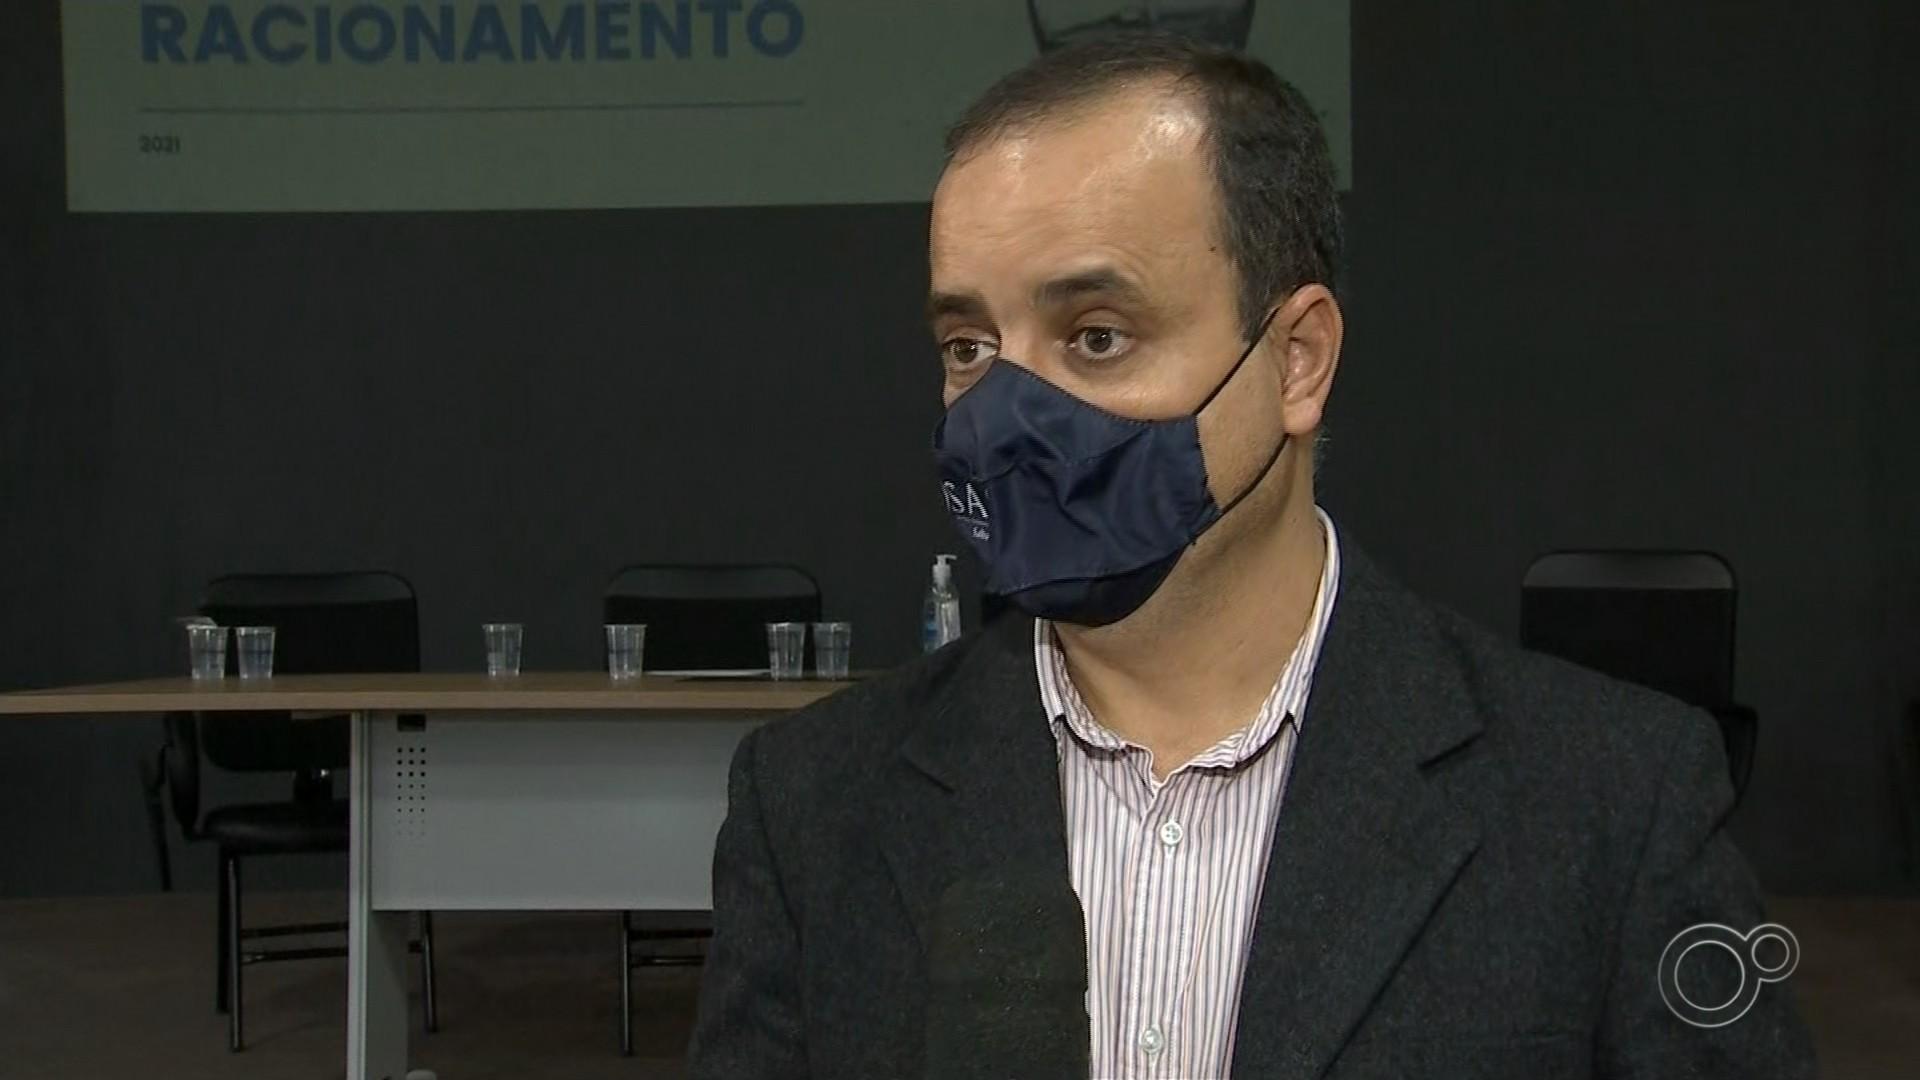 Prefeitura de Salto apresenta plano de racionamento de água em caso de estiagem